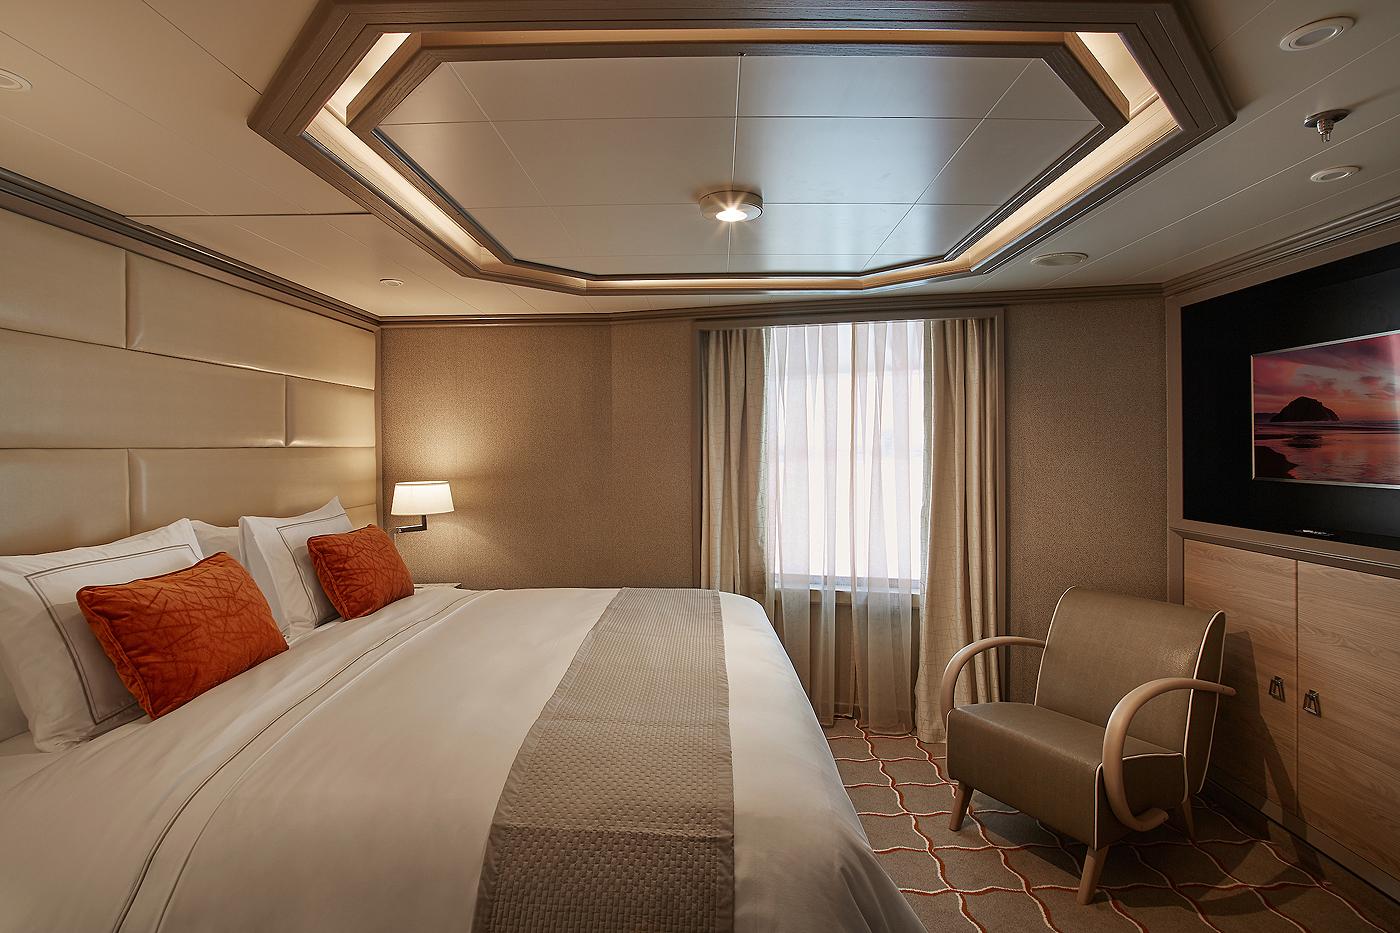 Grand Suite G1 / G2 2 Schlafzimmer - Silver Dawn - Bild 2 - Thumb